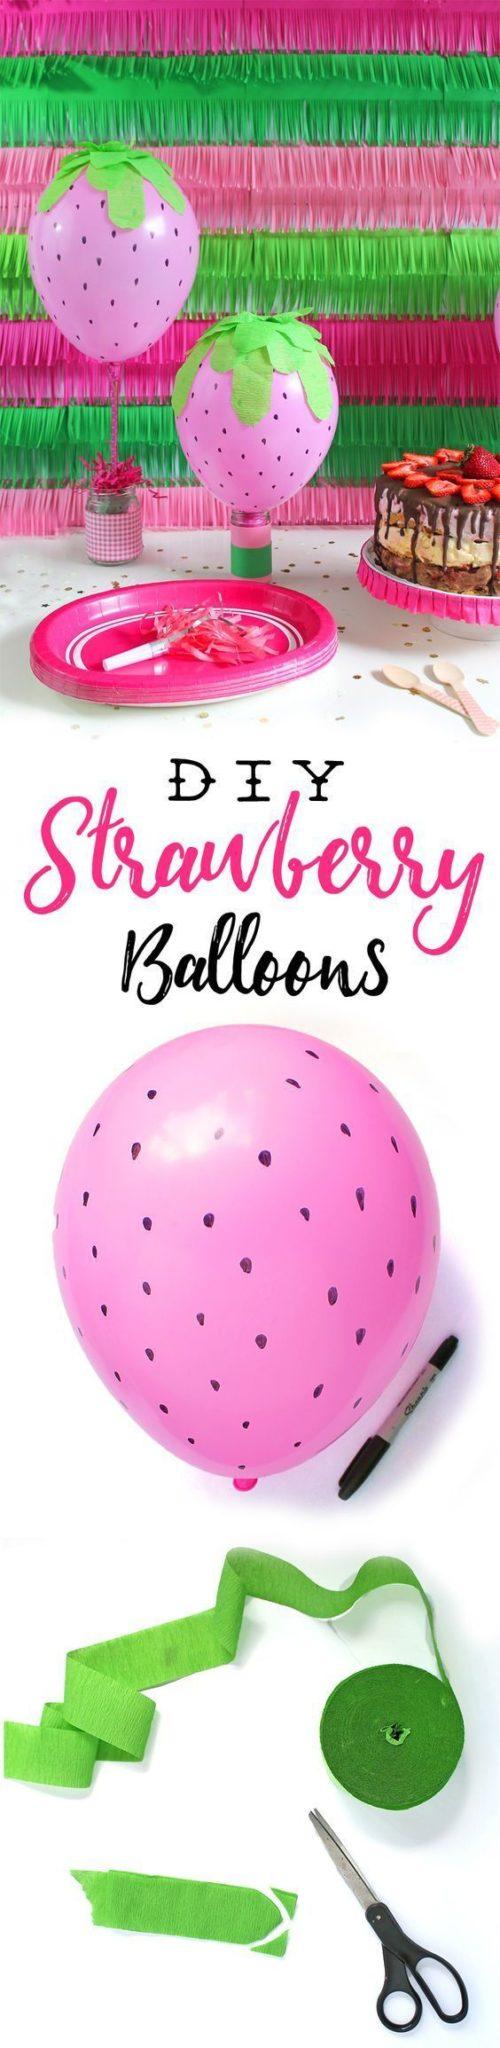 manualidades para fiestas infantiles con globos de fresas